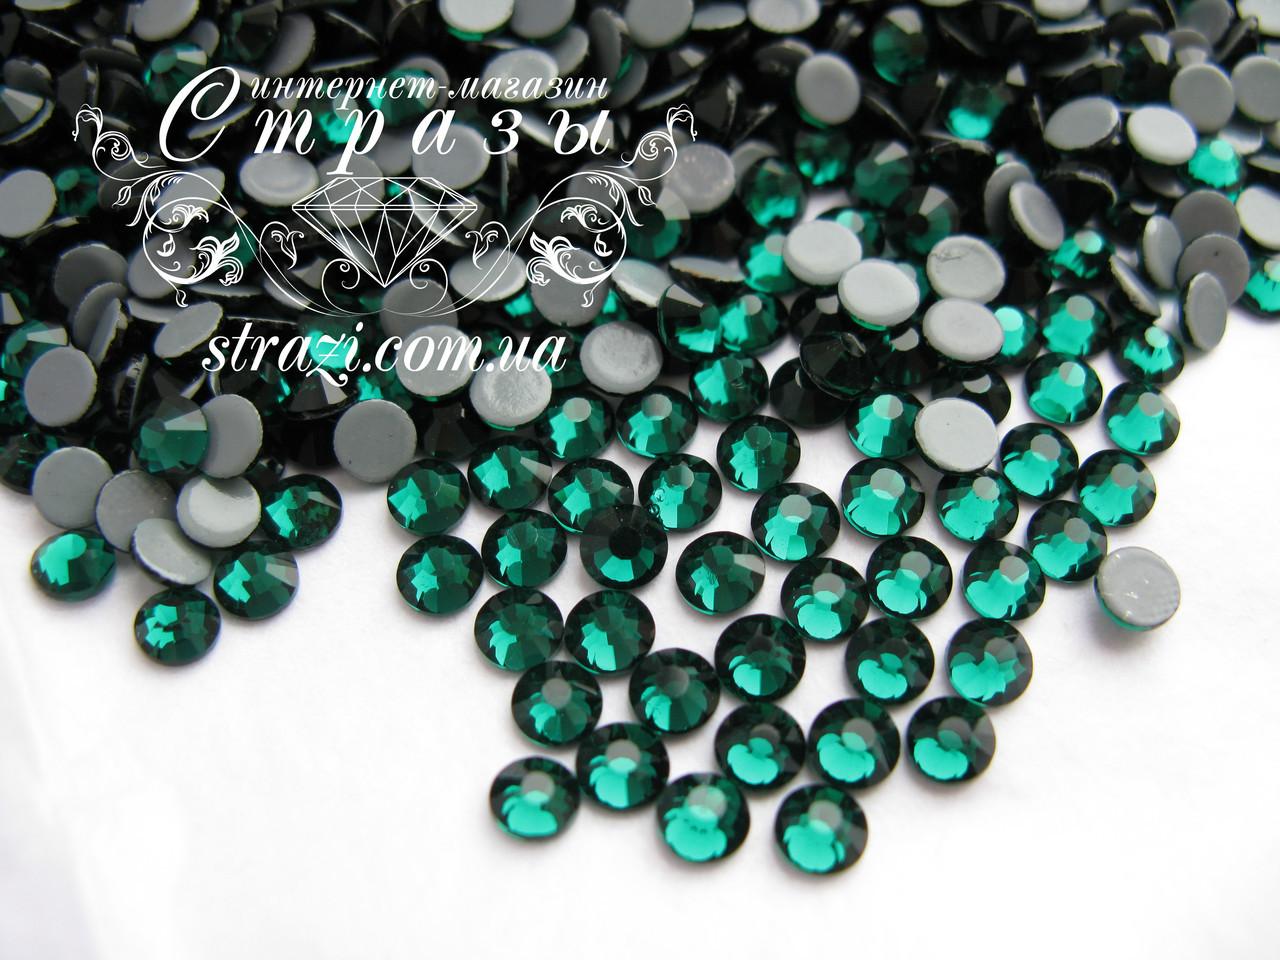 Термо стразы Lux ss20 Emerald (5.0mm) 1440шт